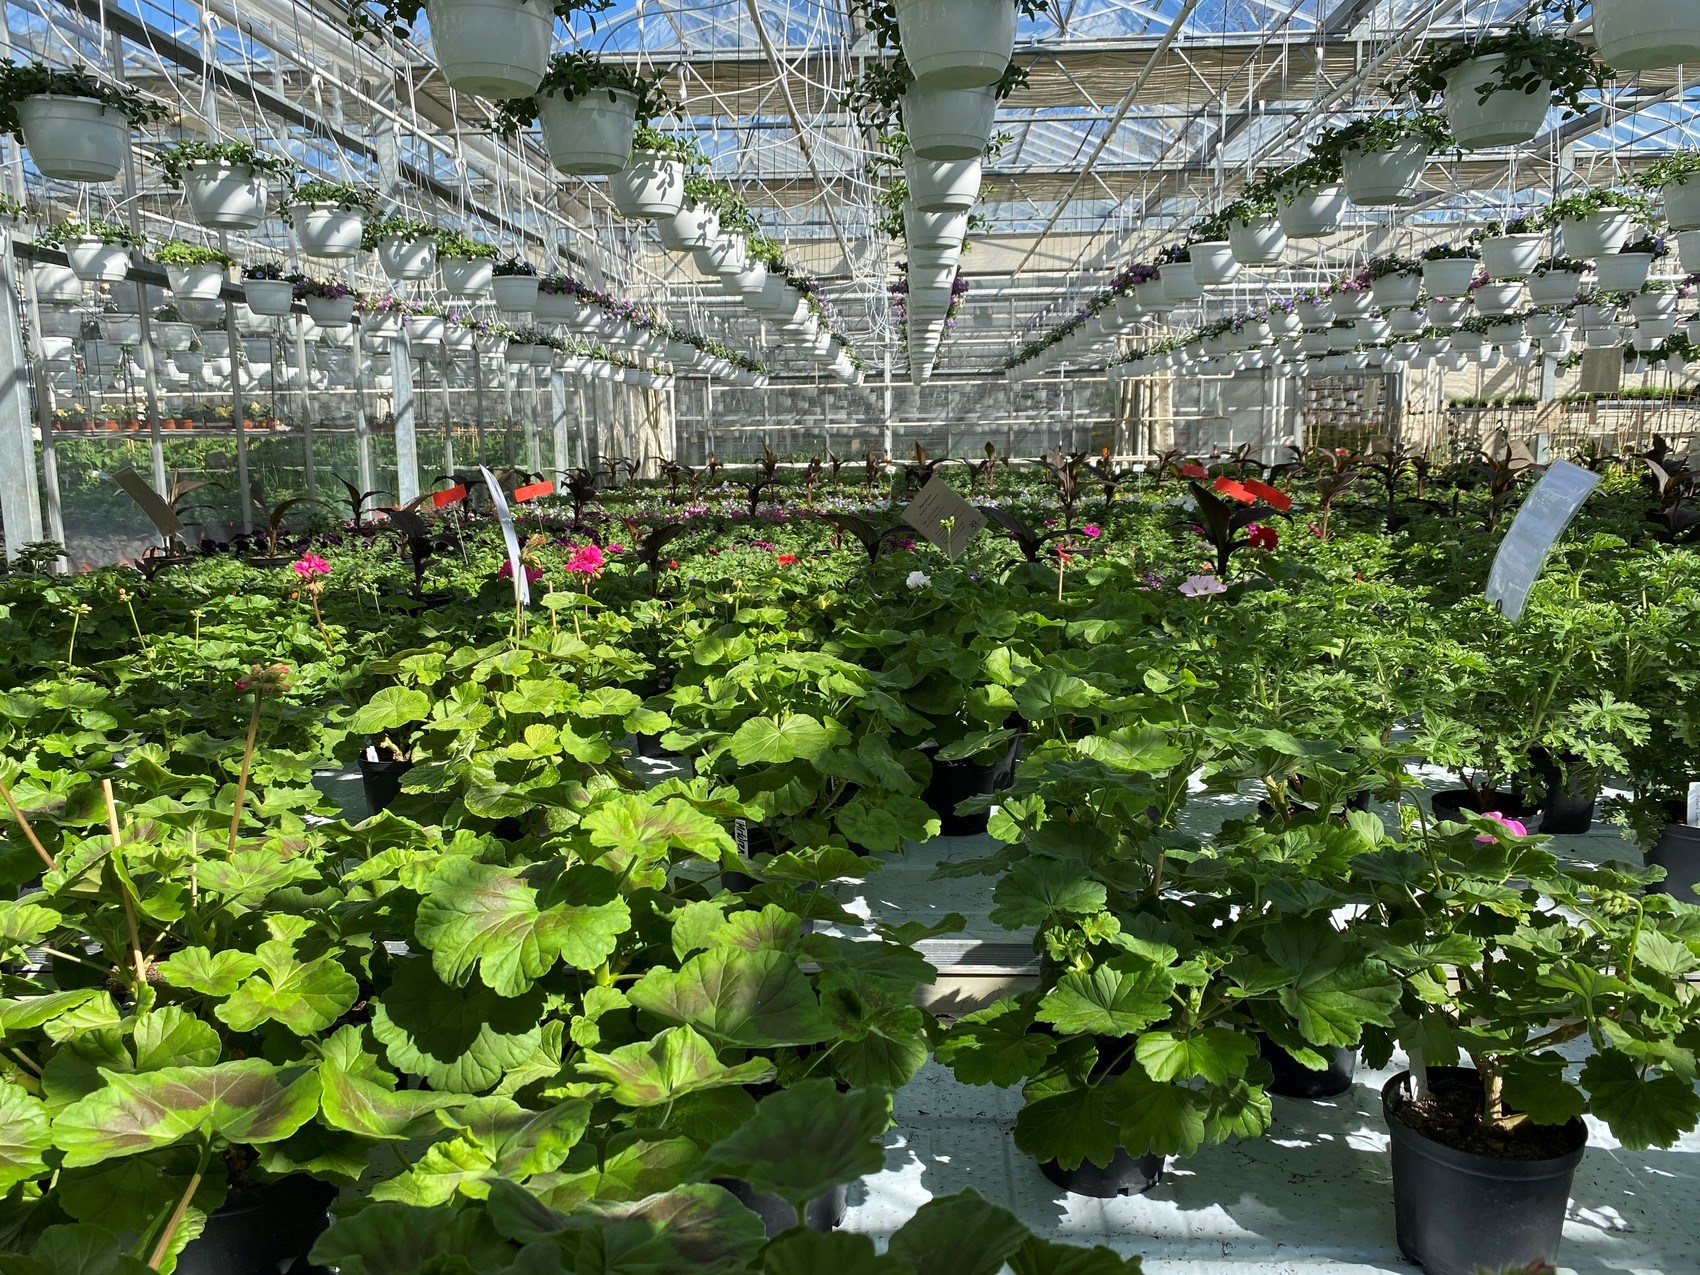 Ett växhus fullt med gröna blad täcker stora bord i taket hänger rader med amplar.